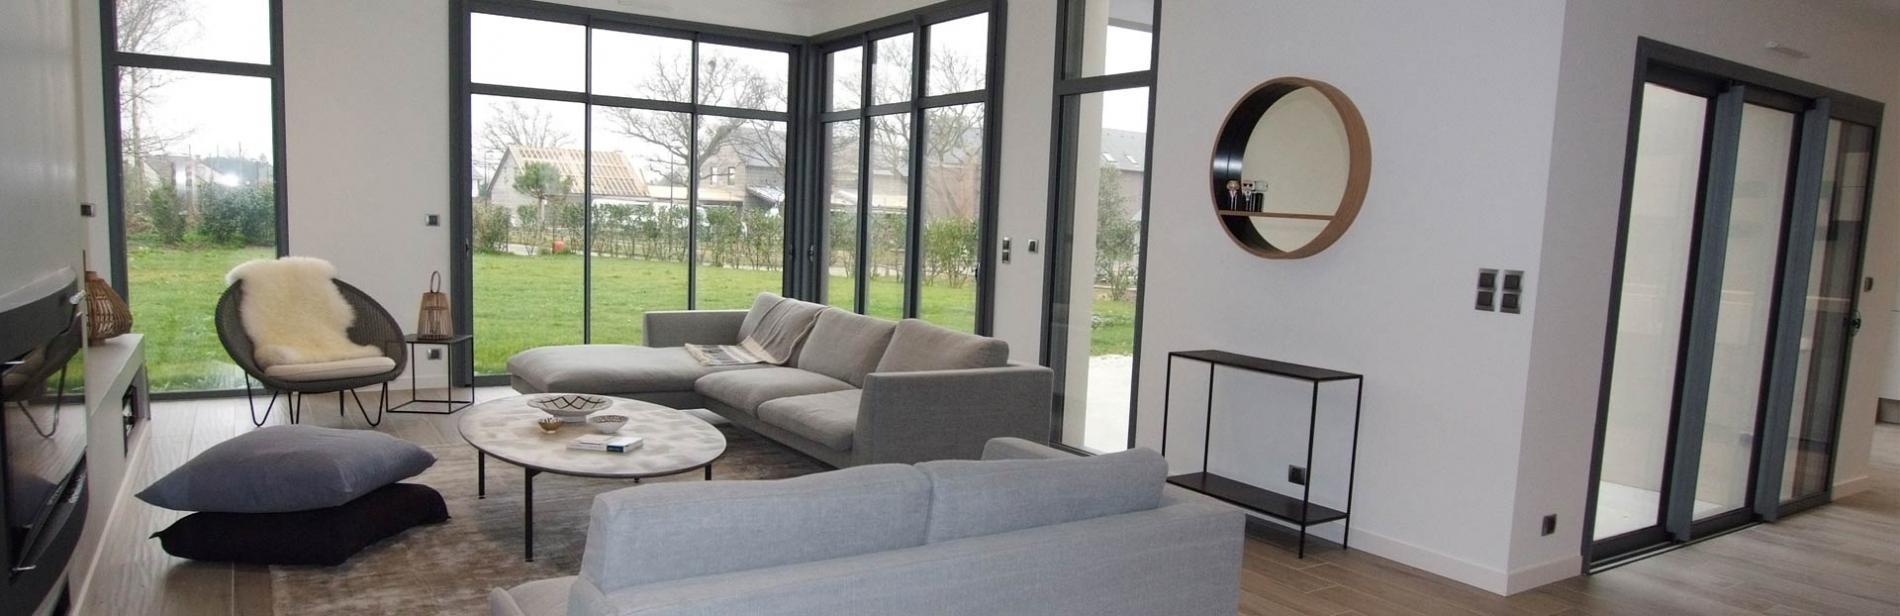 ma tre d 39 oeuvre rennes ille et vilaine personnalisation de votre maison. Black Bedroom Furniture Sets. Home Design Ideas